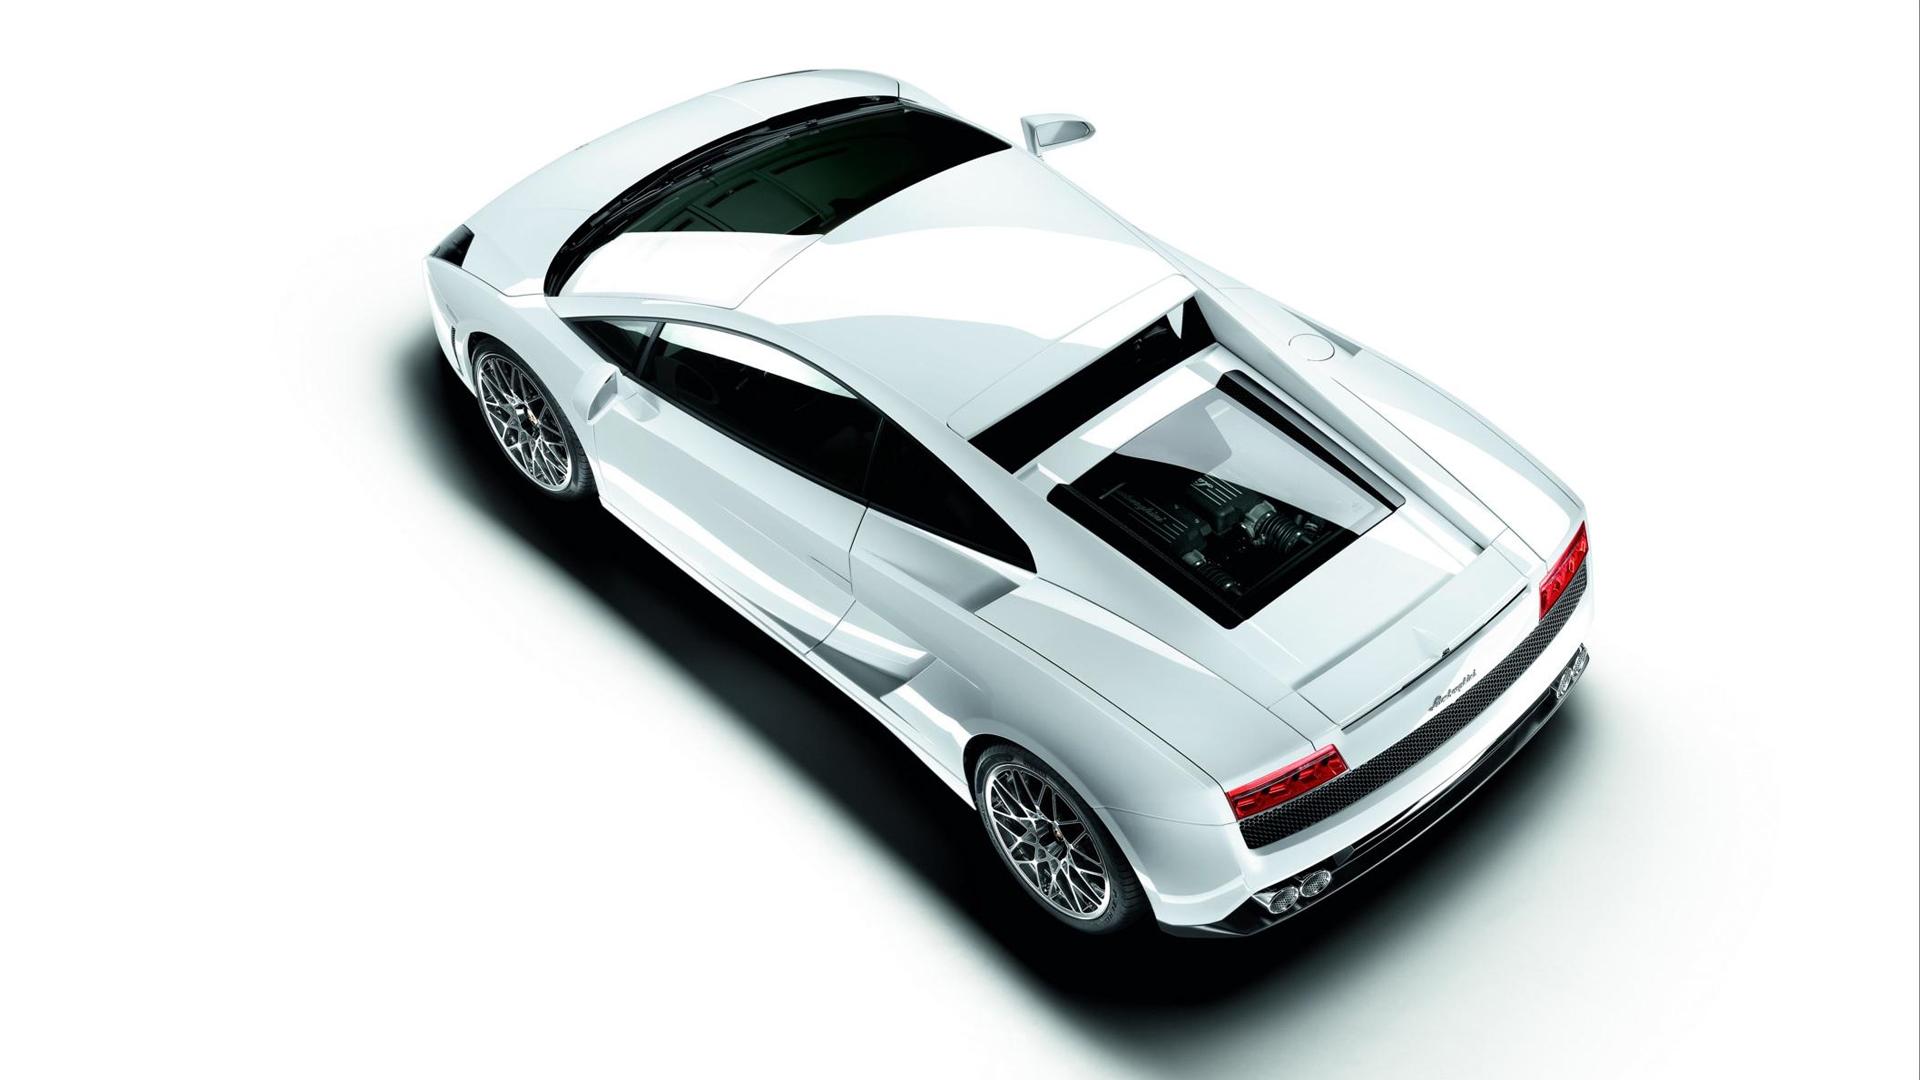 Lamborghini Gallardo Car-Wallpapers 1080p